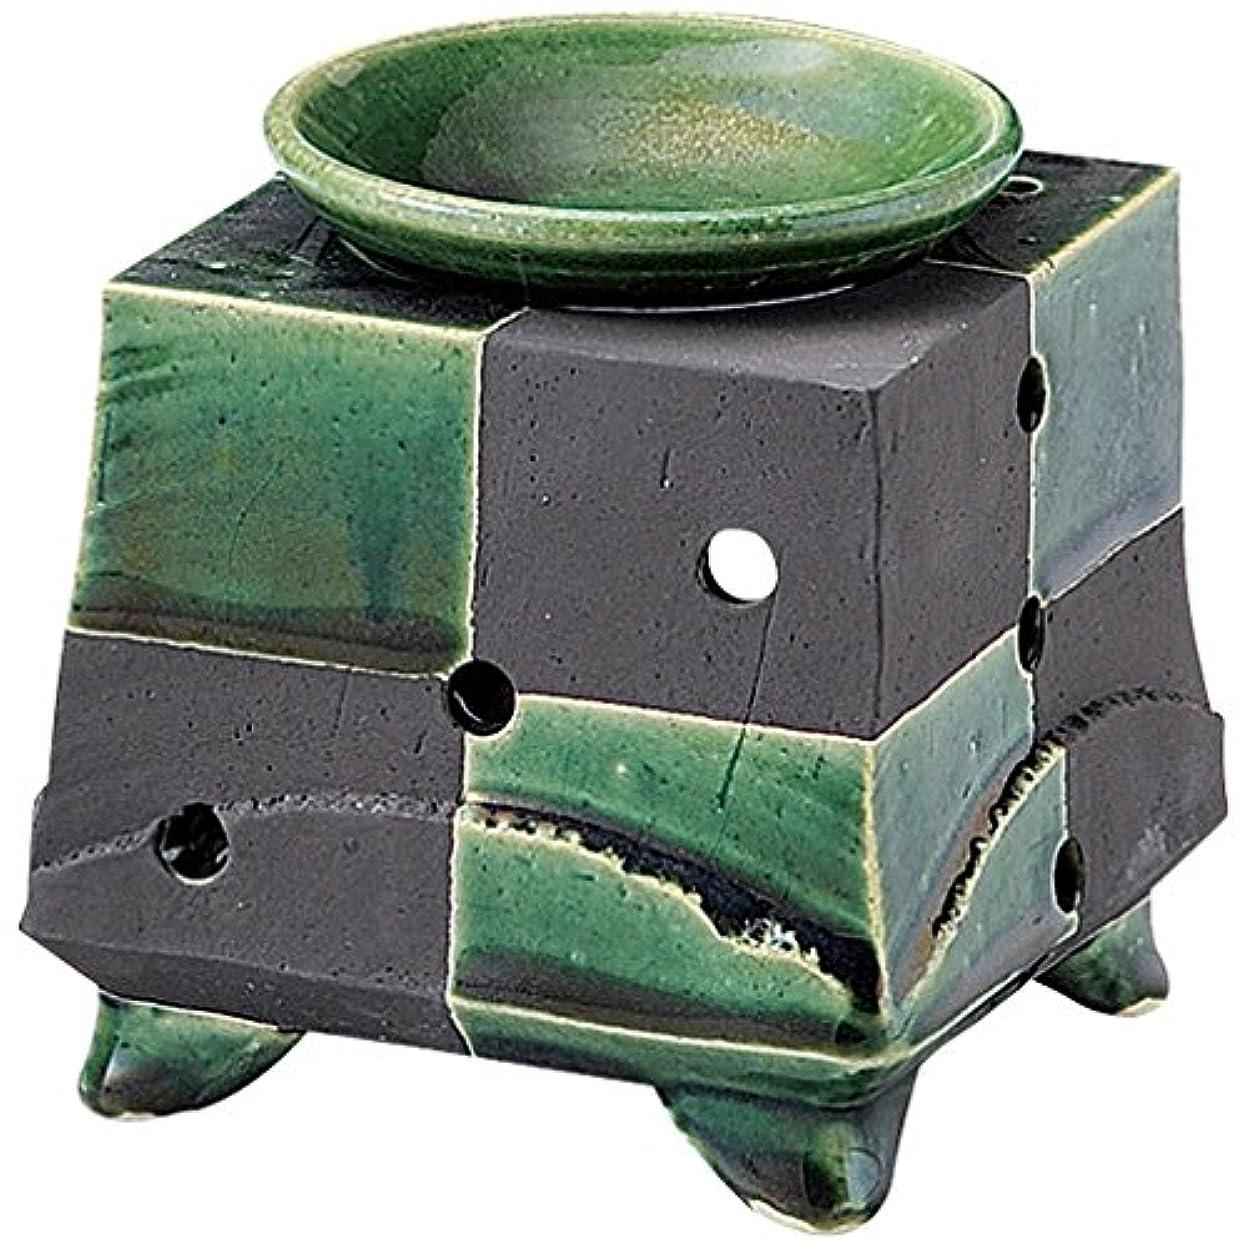 並外れてディーラー融合山下工芸 常滑焼 佳窯織部黒市松茶香炉 11.5×11.5×11.5cm 13045770